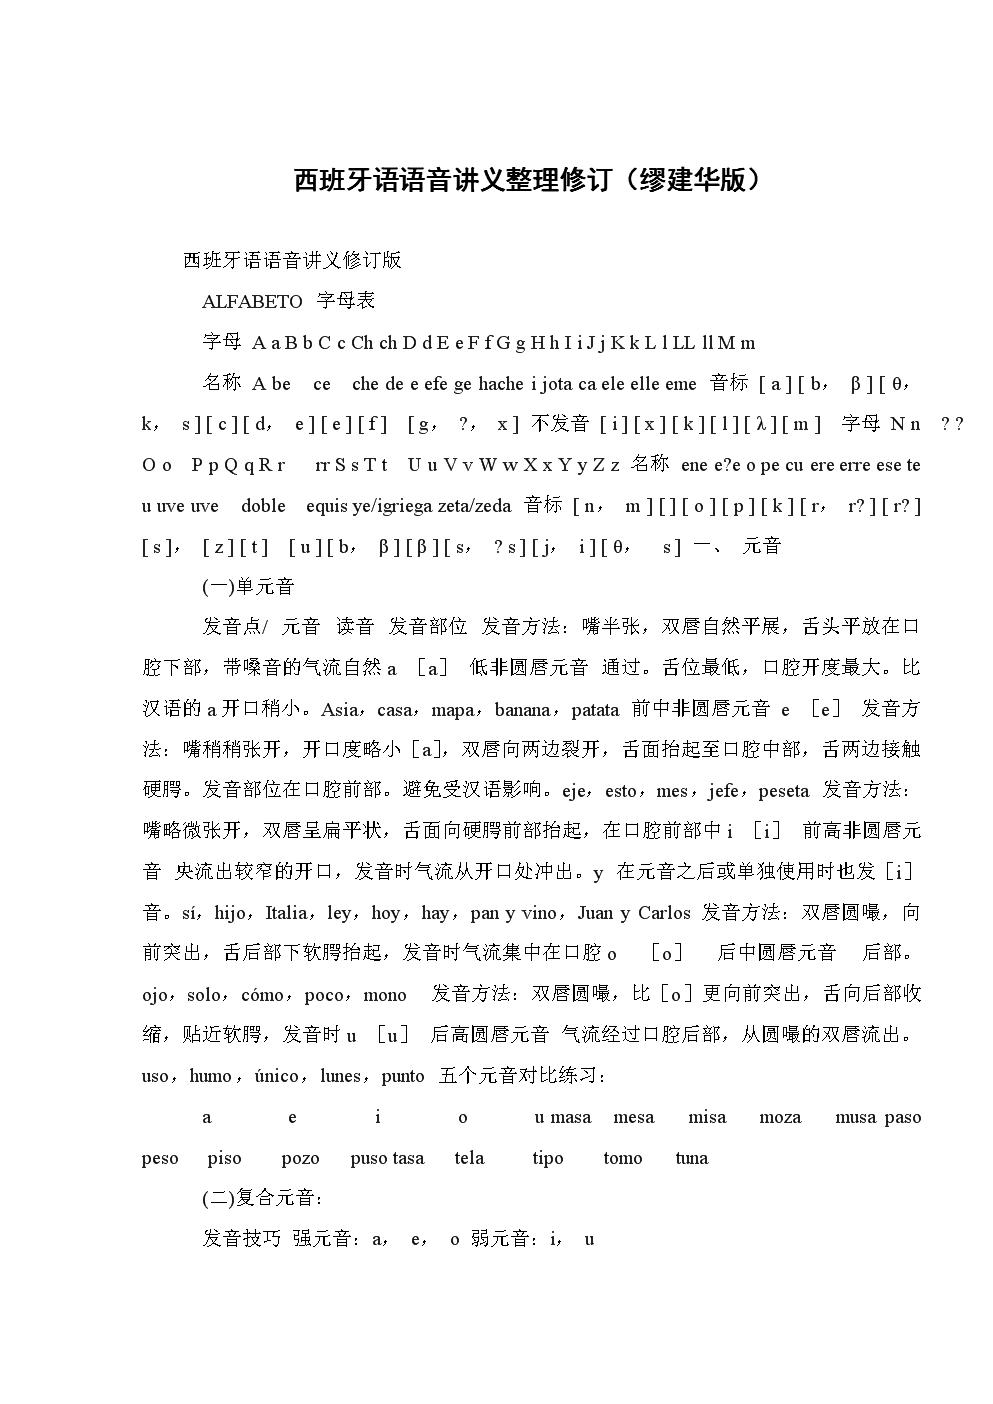 西班牙语语音讲义整理修订(缪建华版).doc